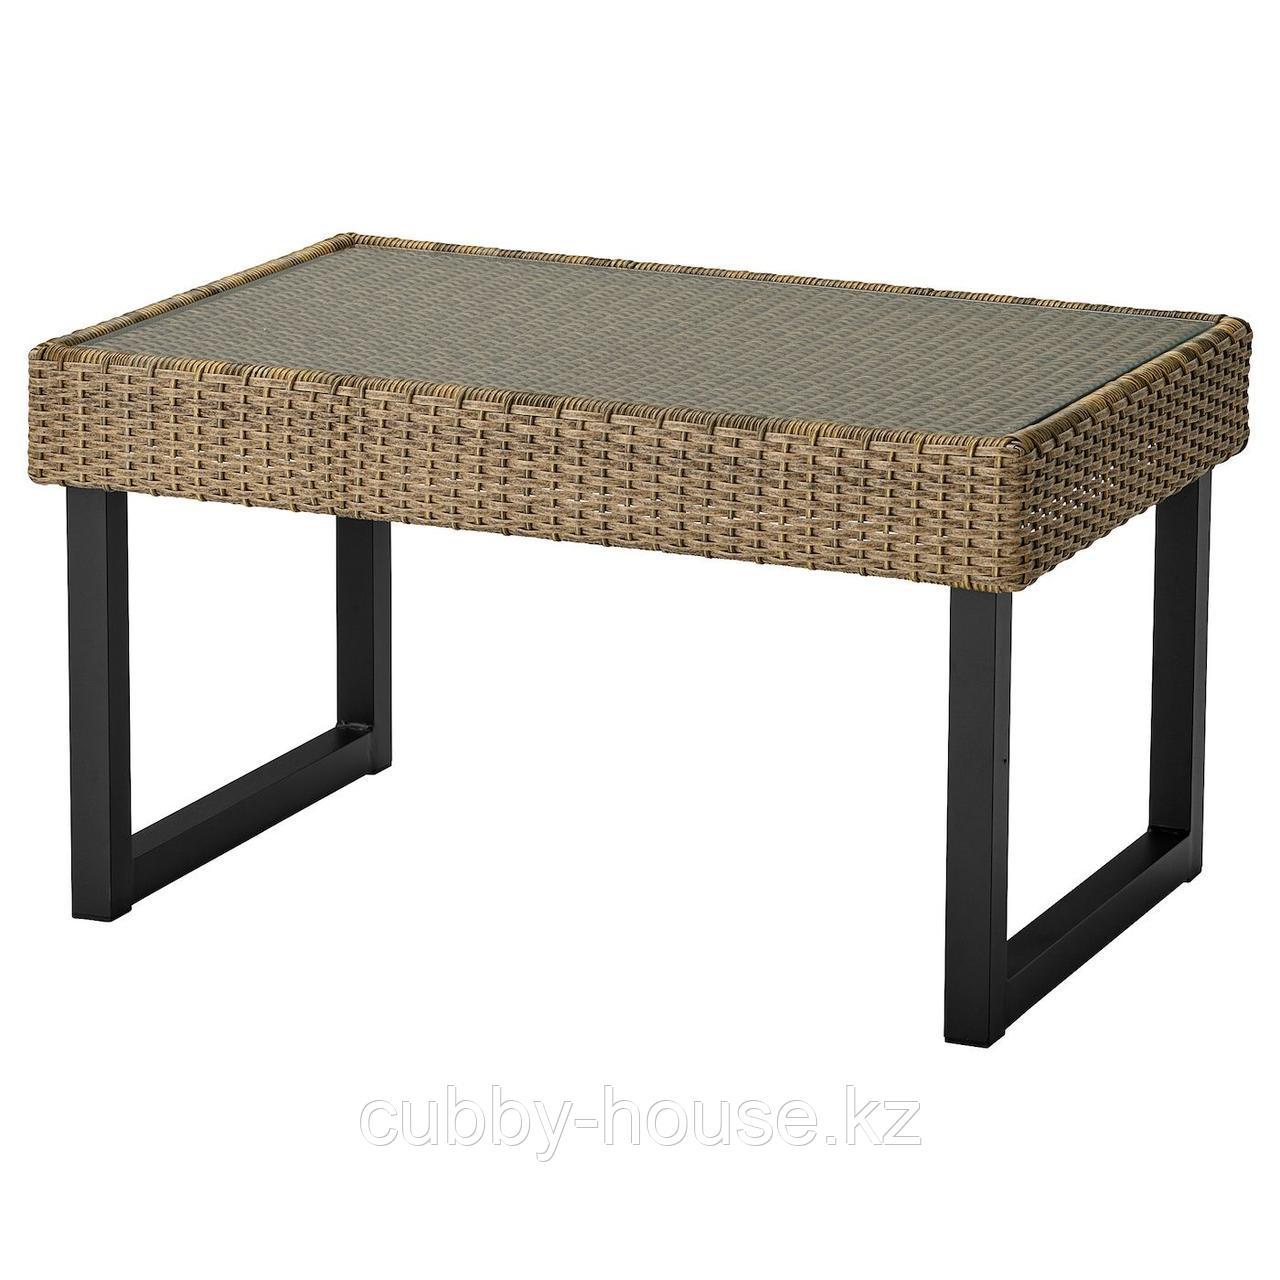 СОЛЛЕРОН Садовый столик, антрацит, коричневый, 92x62 см